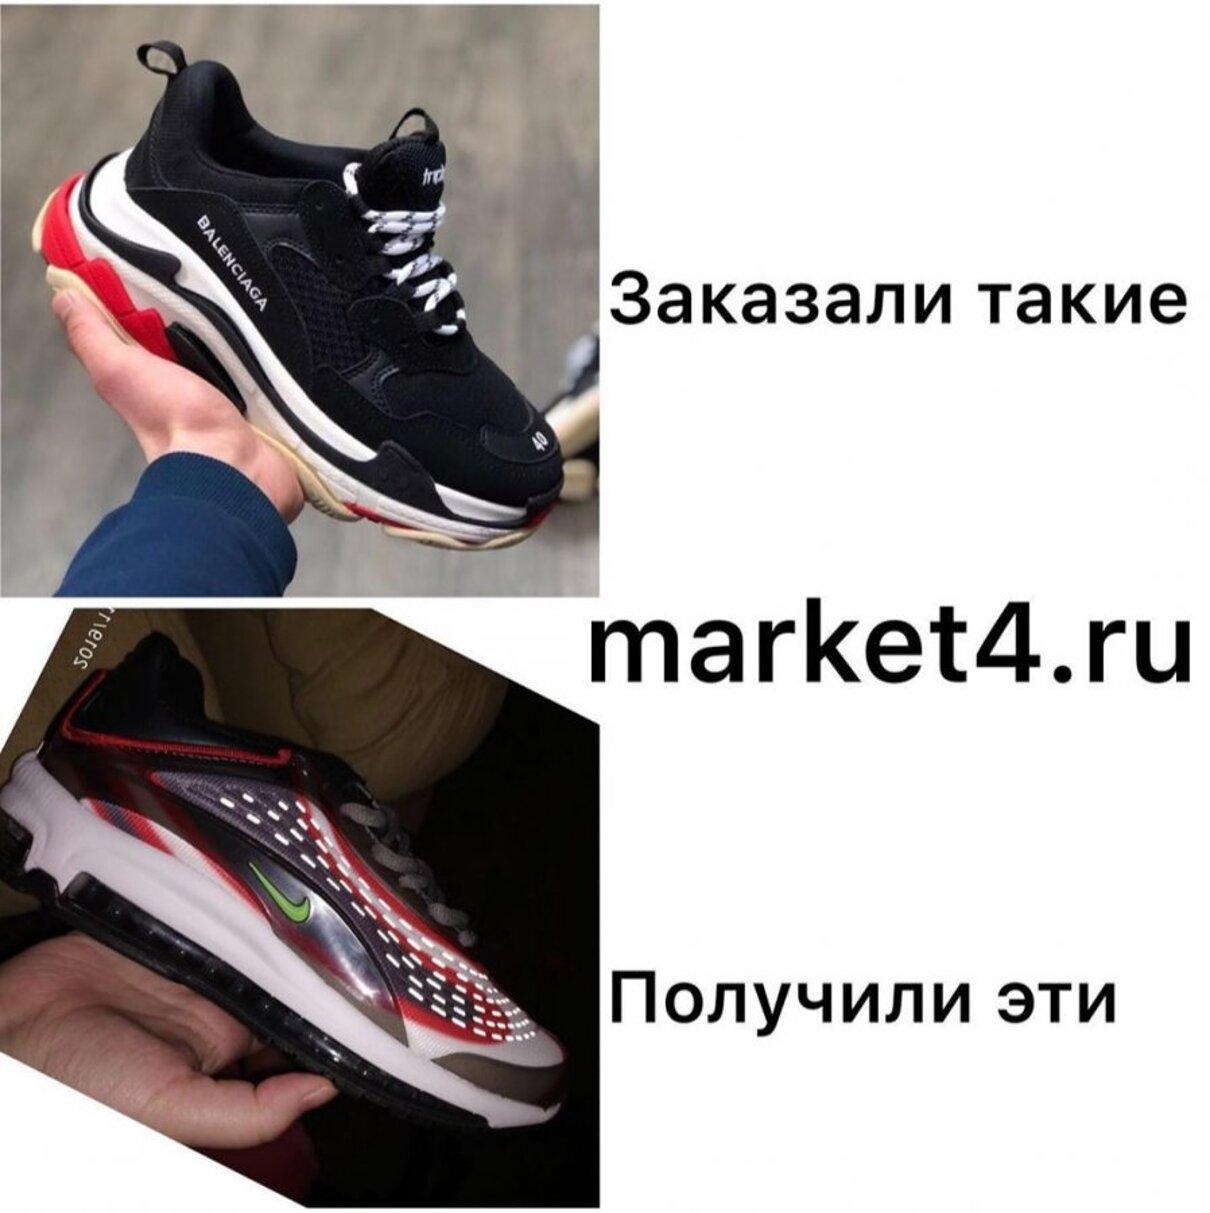 Жалоба-отзыв: Market4.ru - Страничка Instagram, продающая кроссовки.  Фото №1